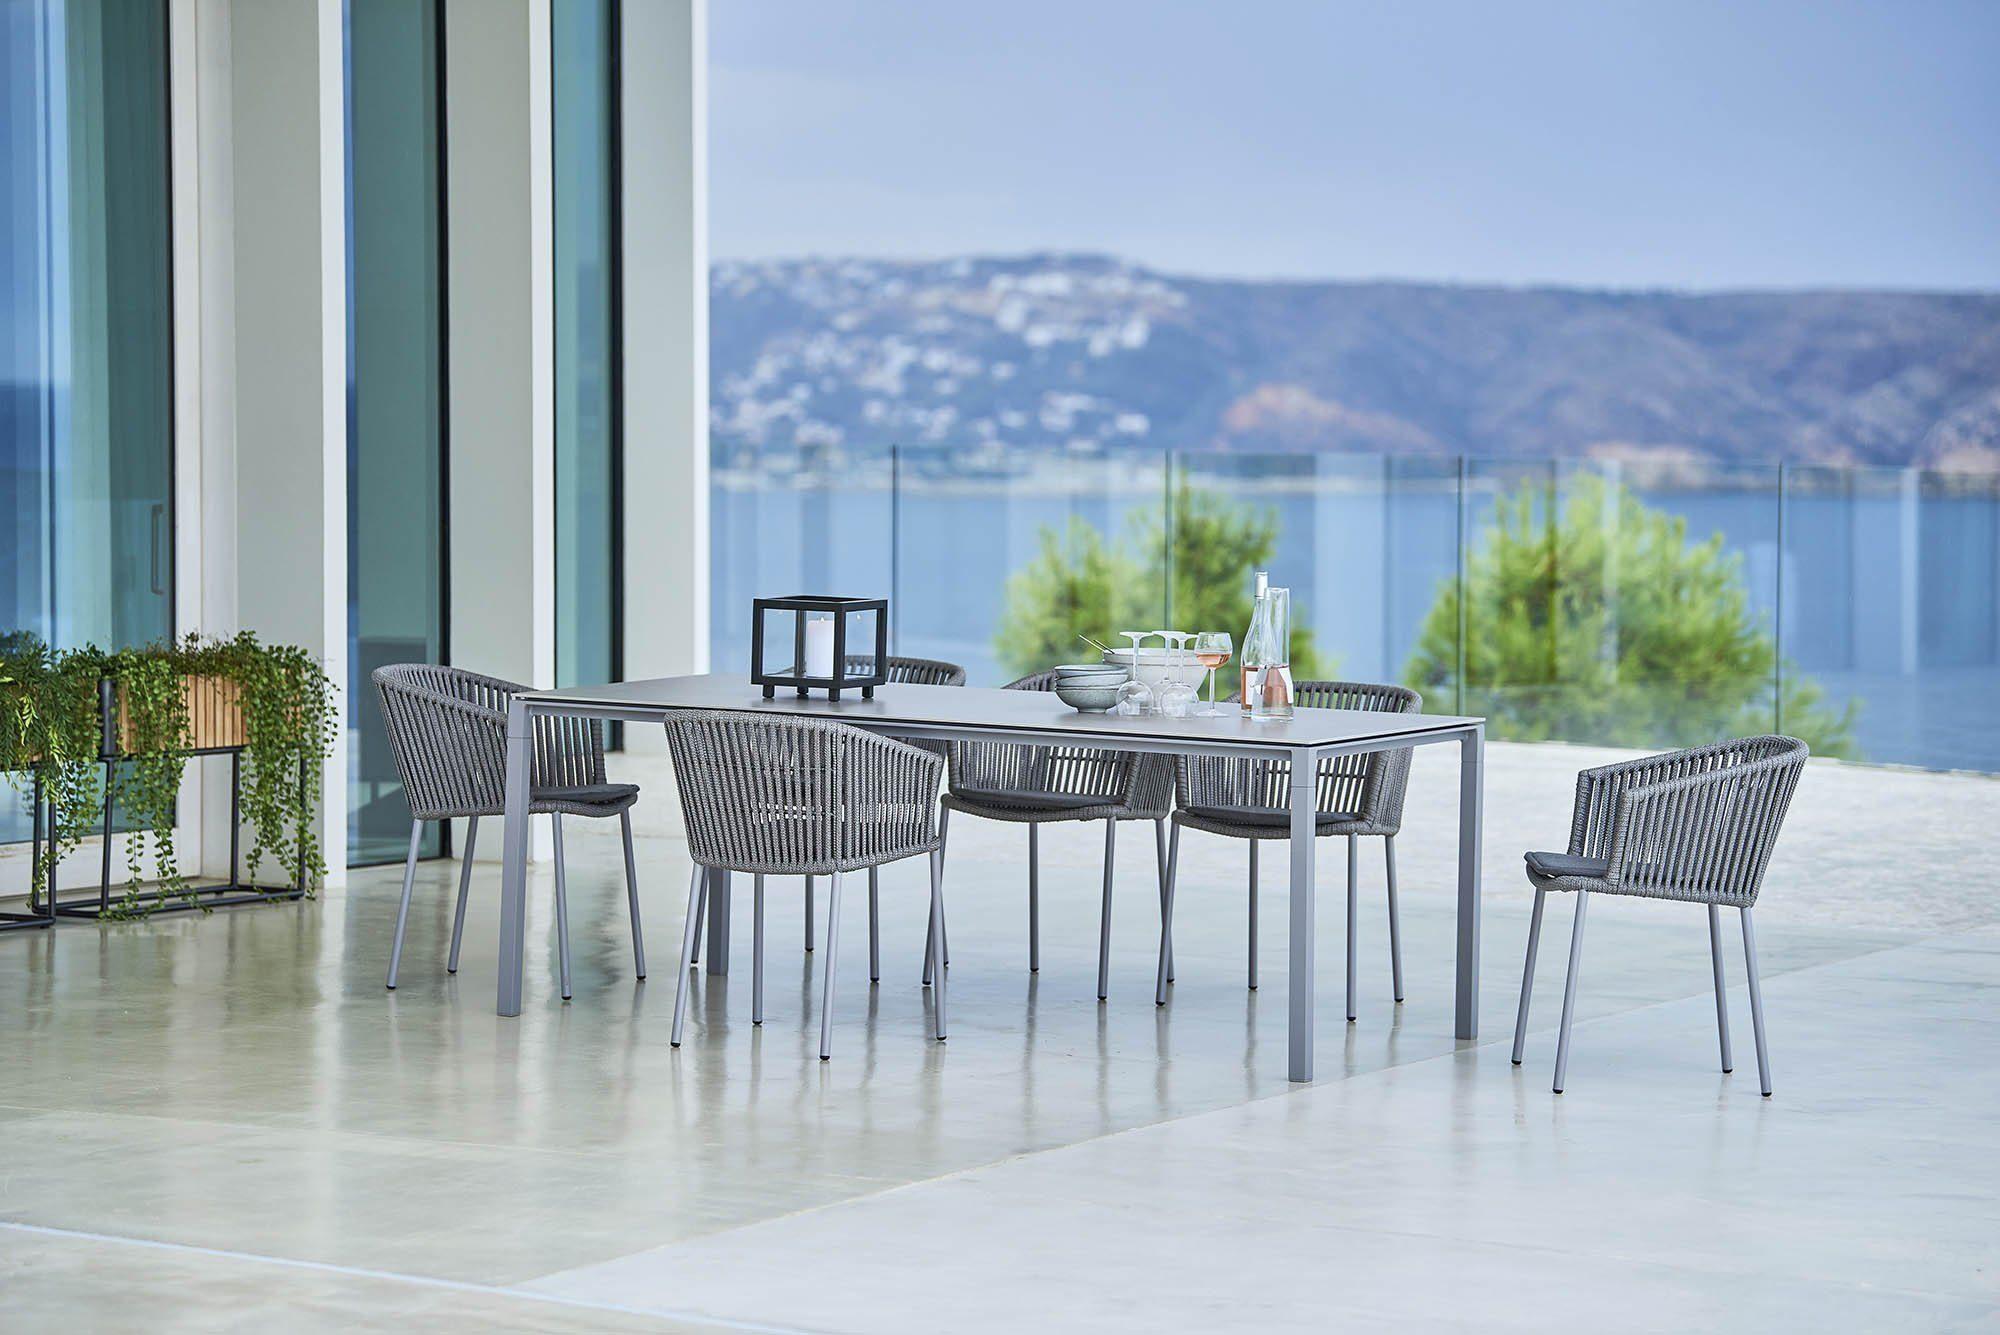 Miljöbild av Moments karmstolar och Pure matbord från Cane-Line.